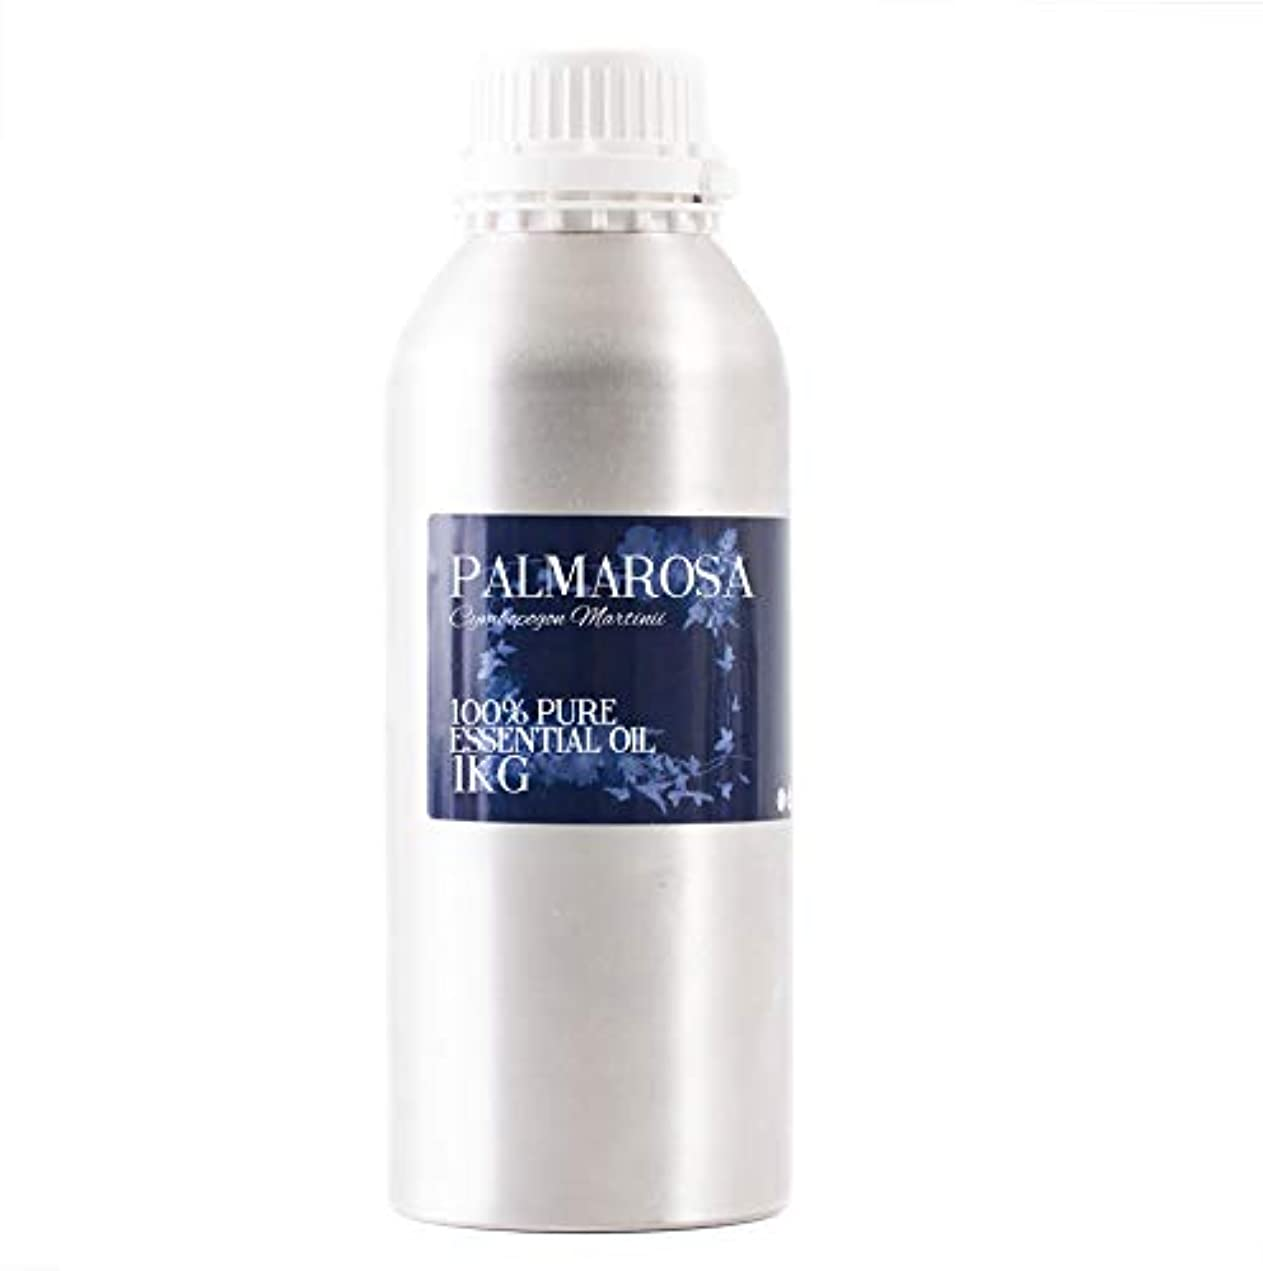 振る舞い所属振る舞いMystic Moments   Palmarosa Essential Oil - 1Kg - 100% Pure